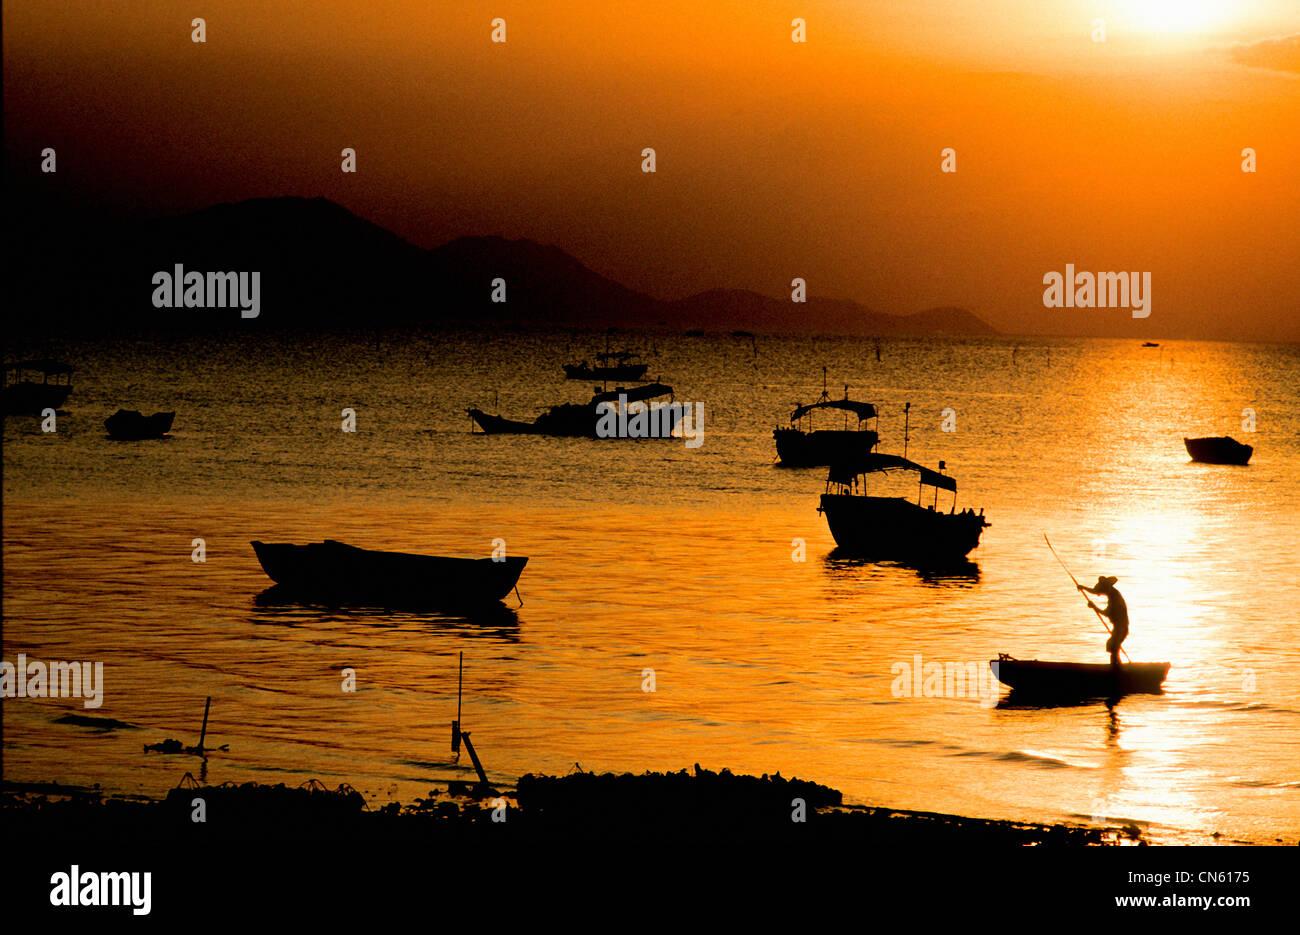 fisherman poles sampan to beach at sunset at harbor in South China Sea New Territories Hong Kong China - Stock Image